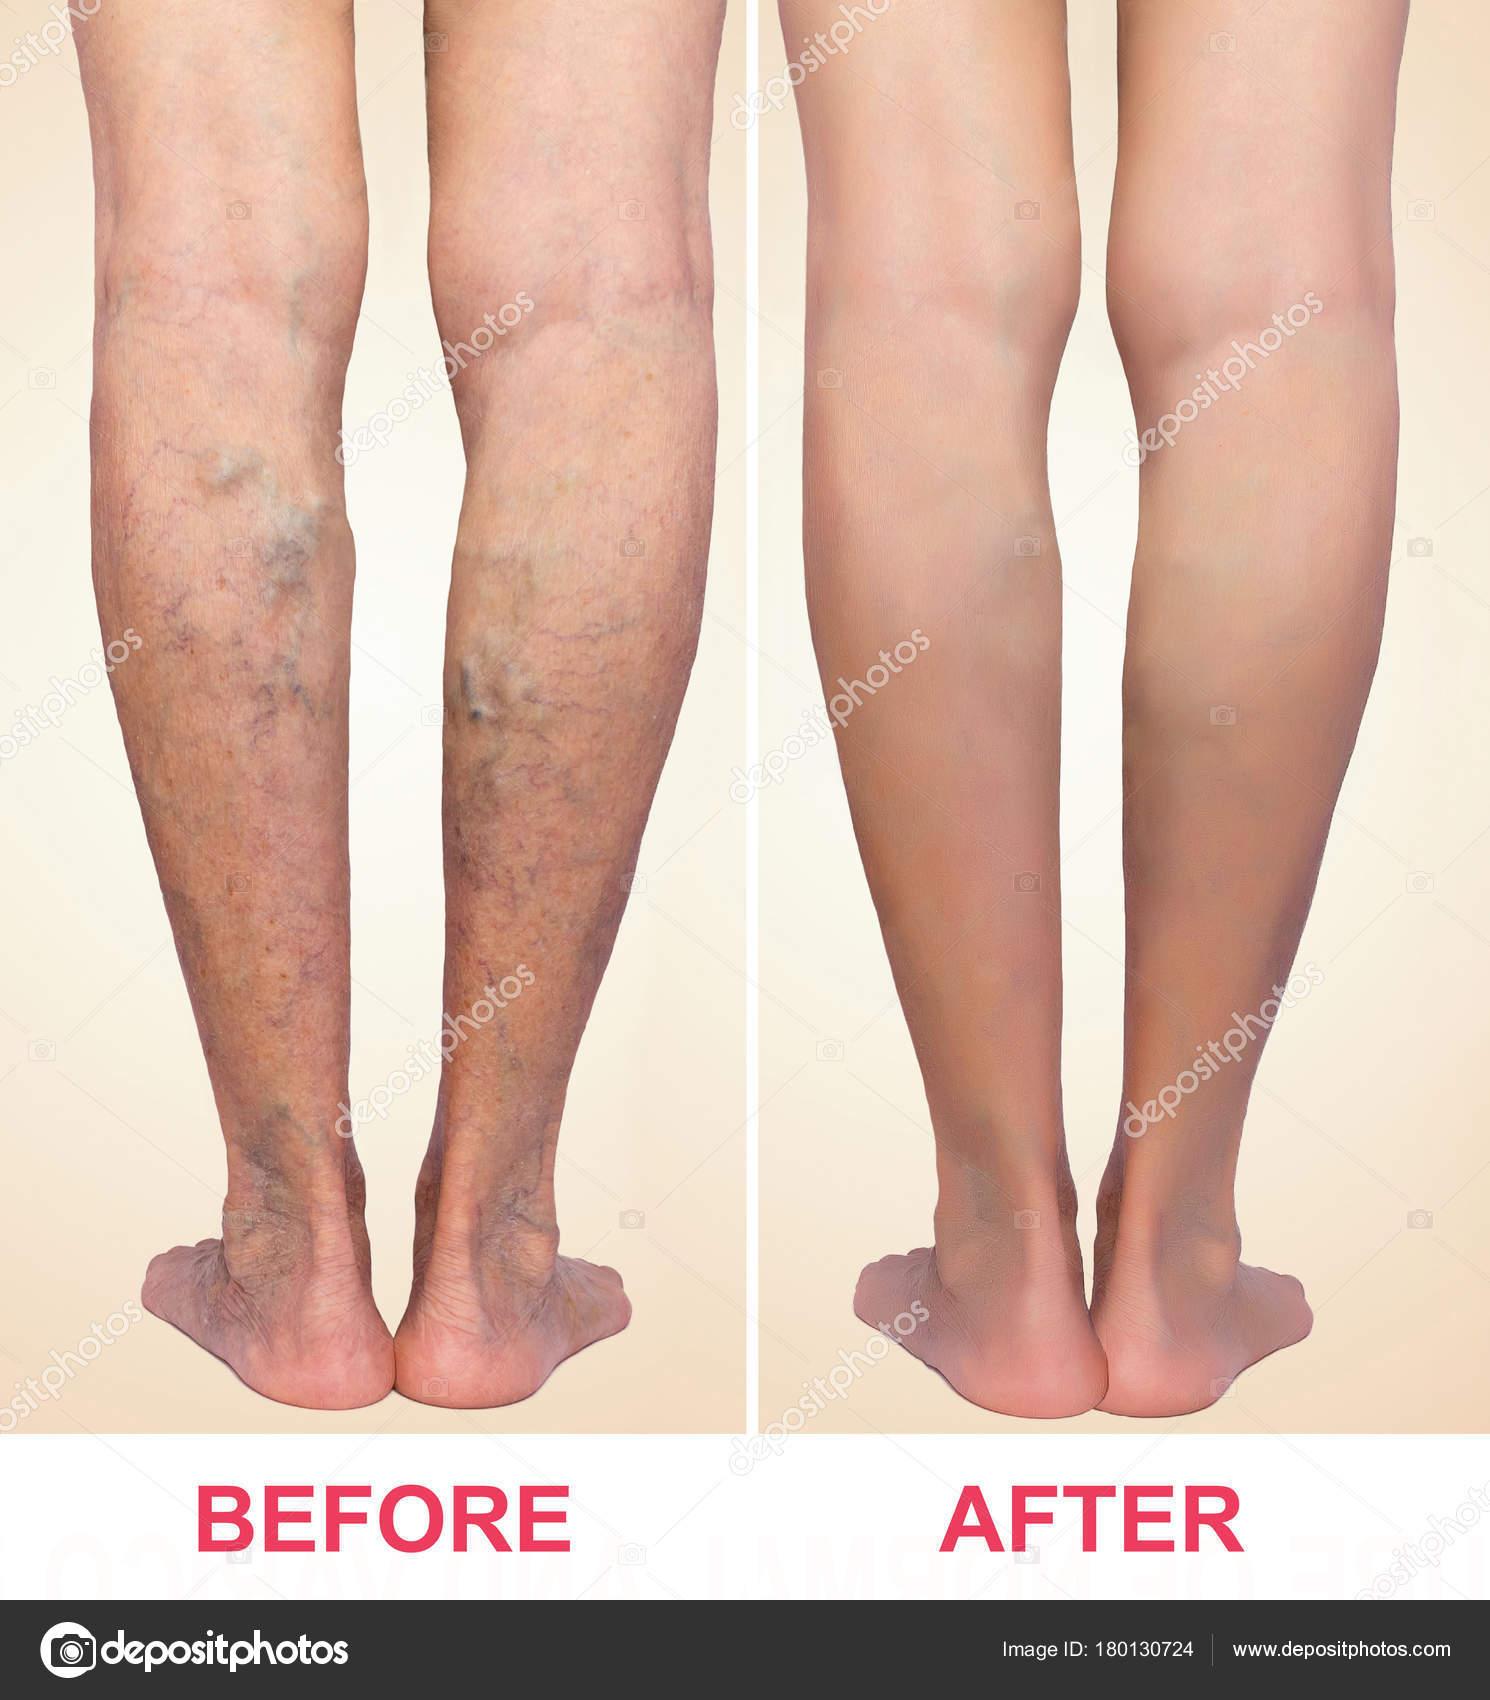 kontrasztos lábfürdők visszerek esetén visszér műtét étel